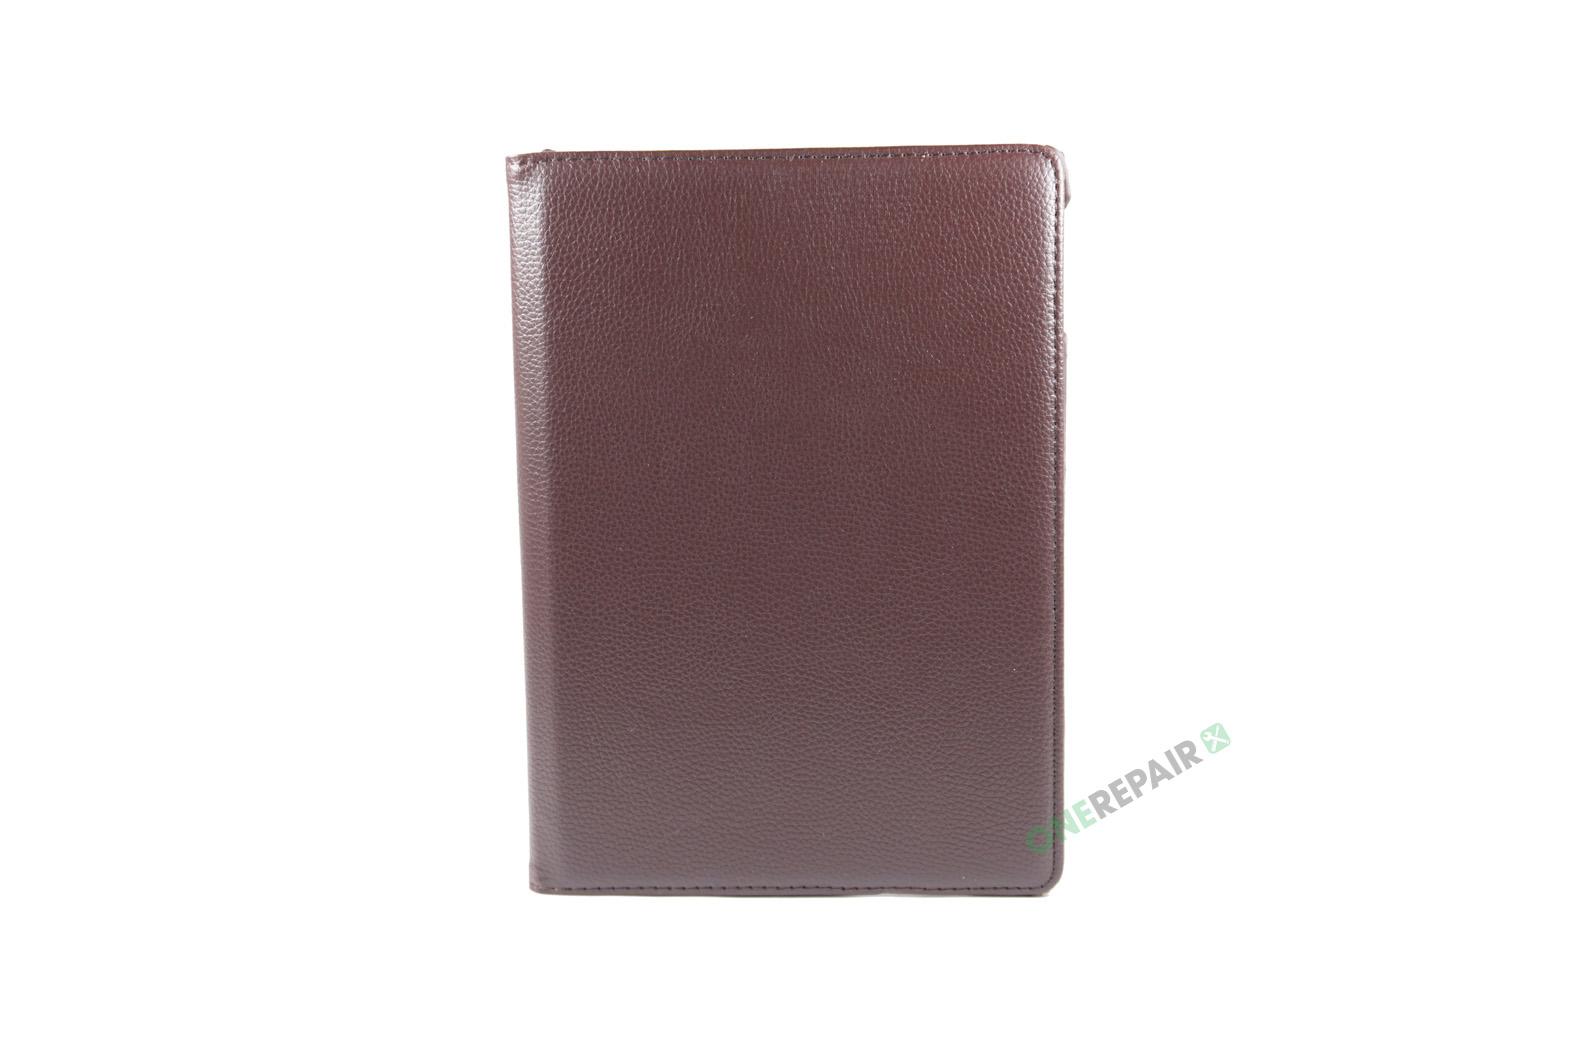 351021_iPad_Air_A1474_A1475_A1476_Flipcover_Cover_Brun_OneRepair_00002